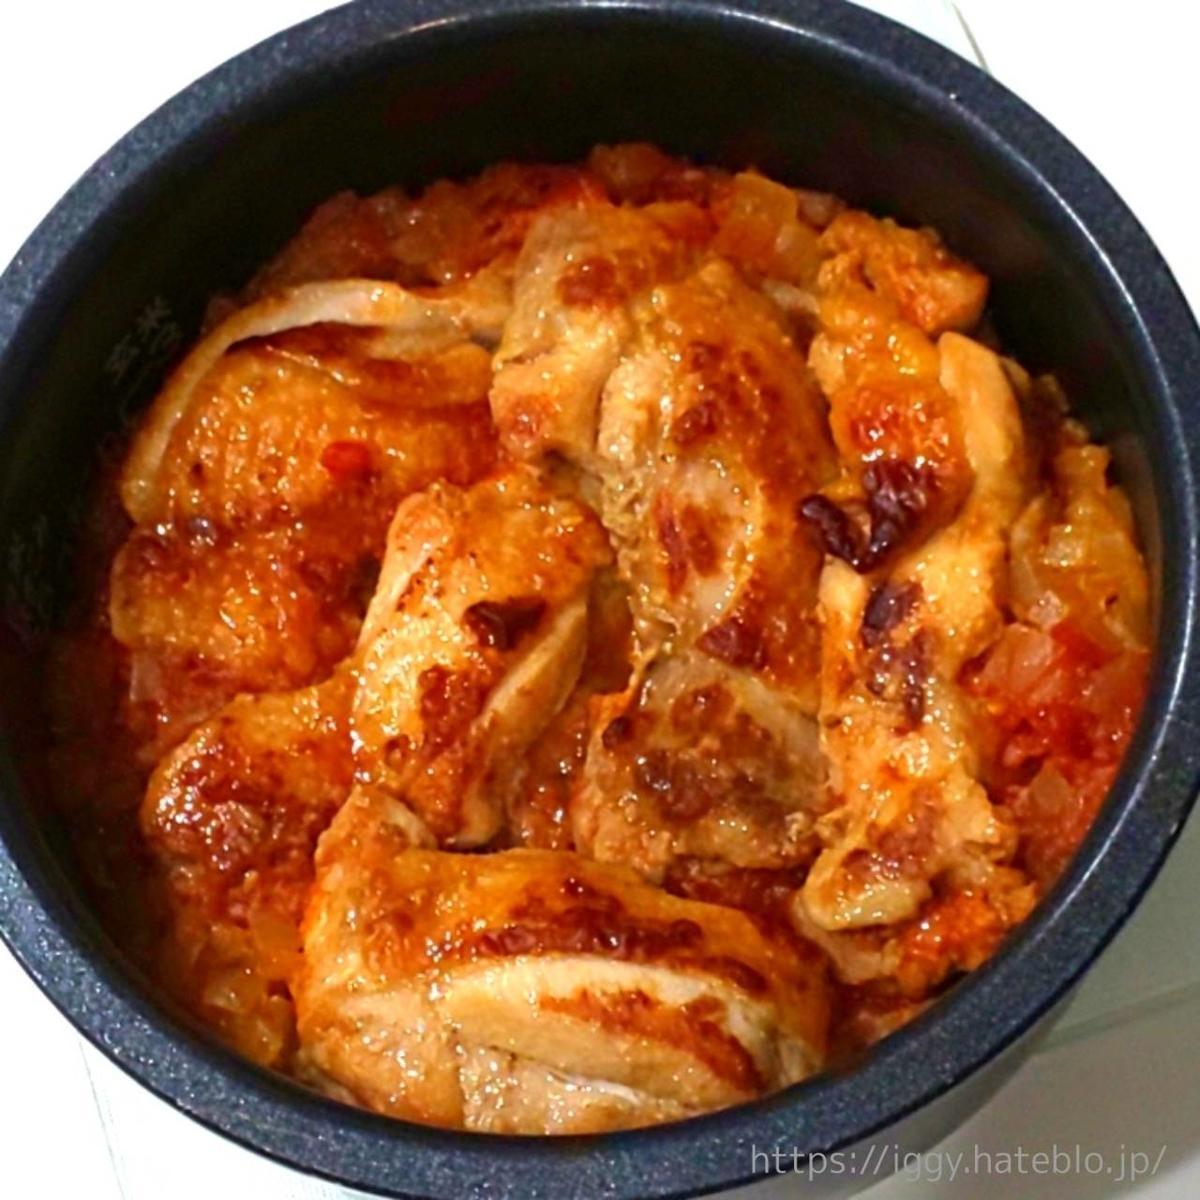 炊飯器で簡単「ジャンバラヤ」作り方⑦ LIFE